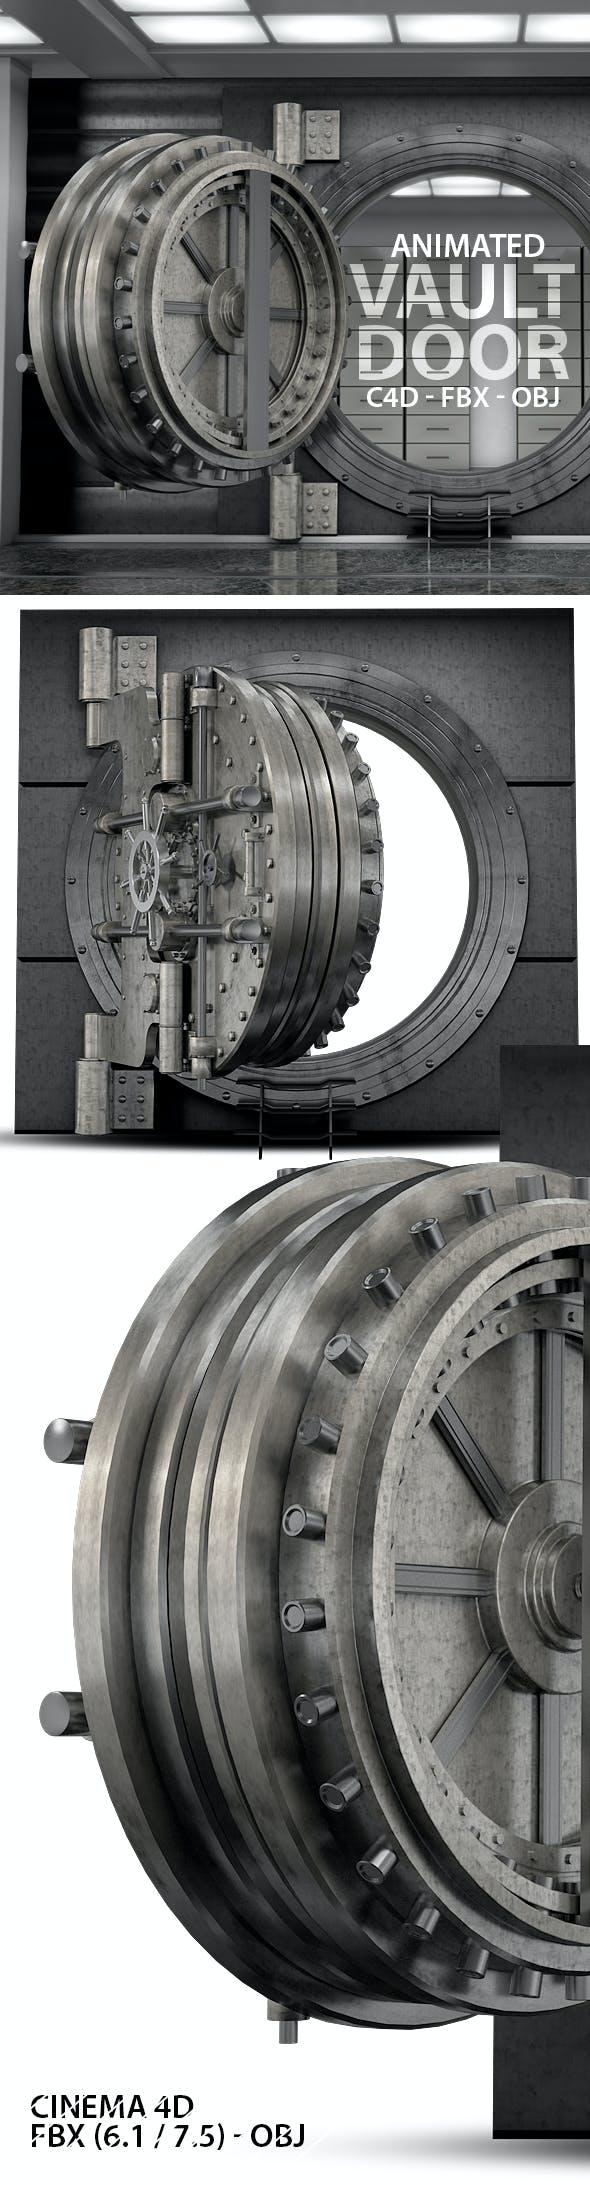 Heavy Vault Door 3D Model - 3DOcean Item for Sale